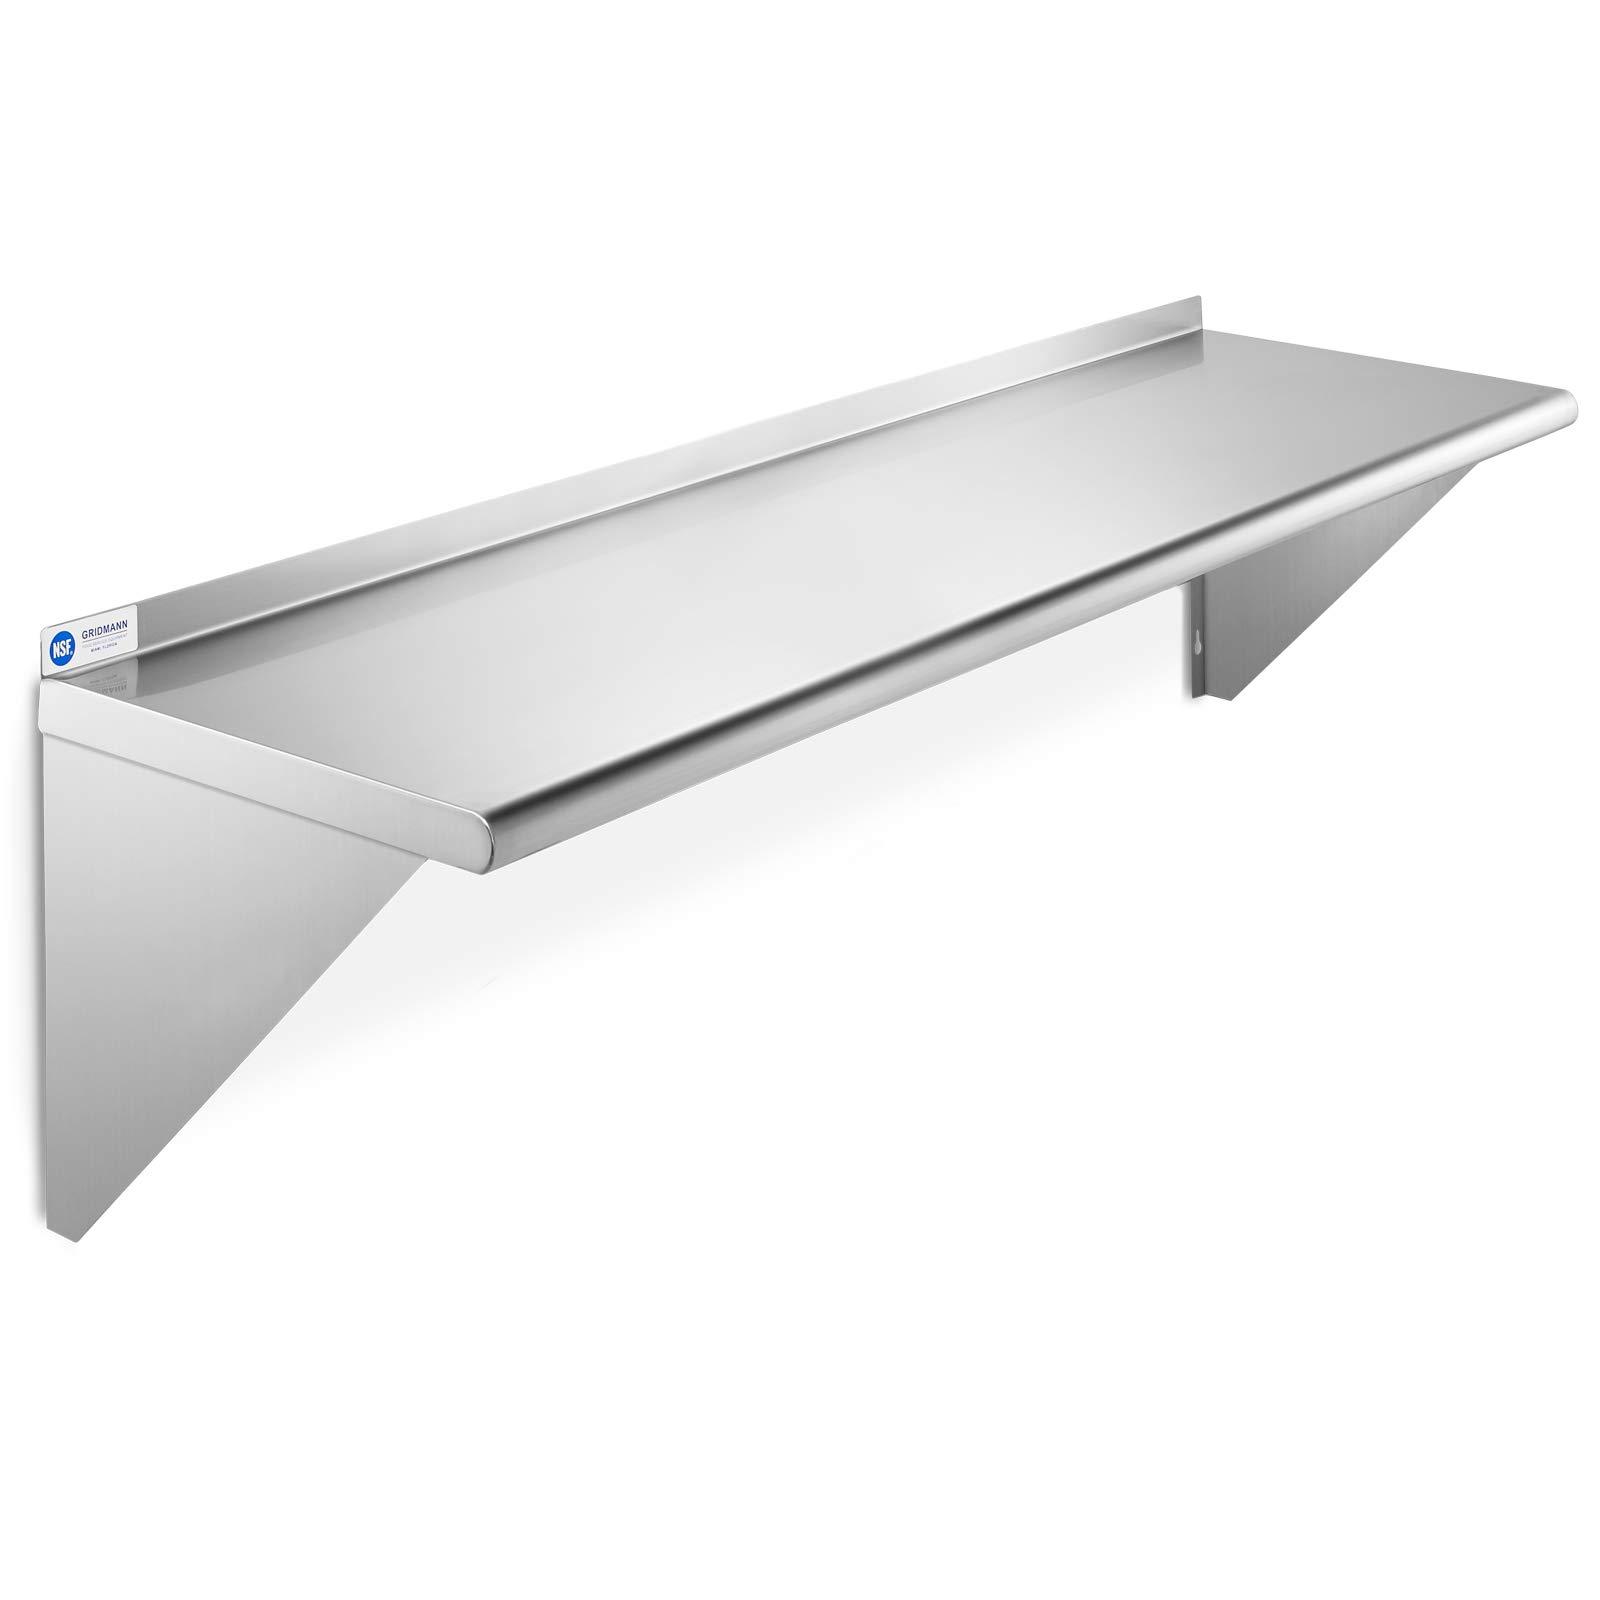 GRIDMANN NSF Stainless Steel Kitchen Wall Mount Shelf Commercial Restaurant Bar w/Backsplash - 14'' x 48'' by GRIDMANN